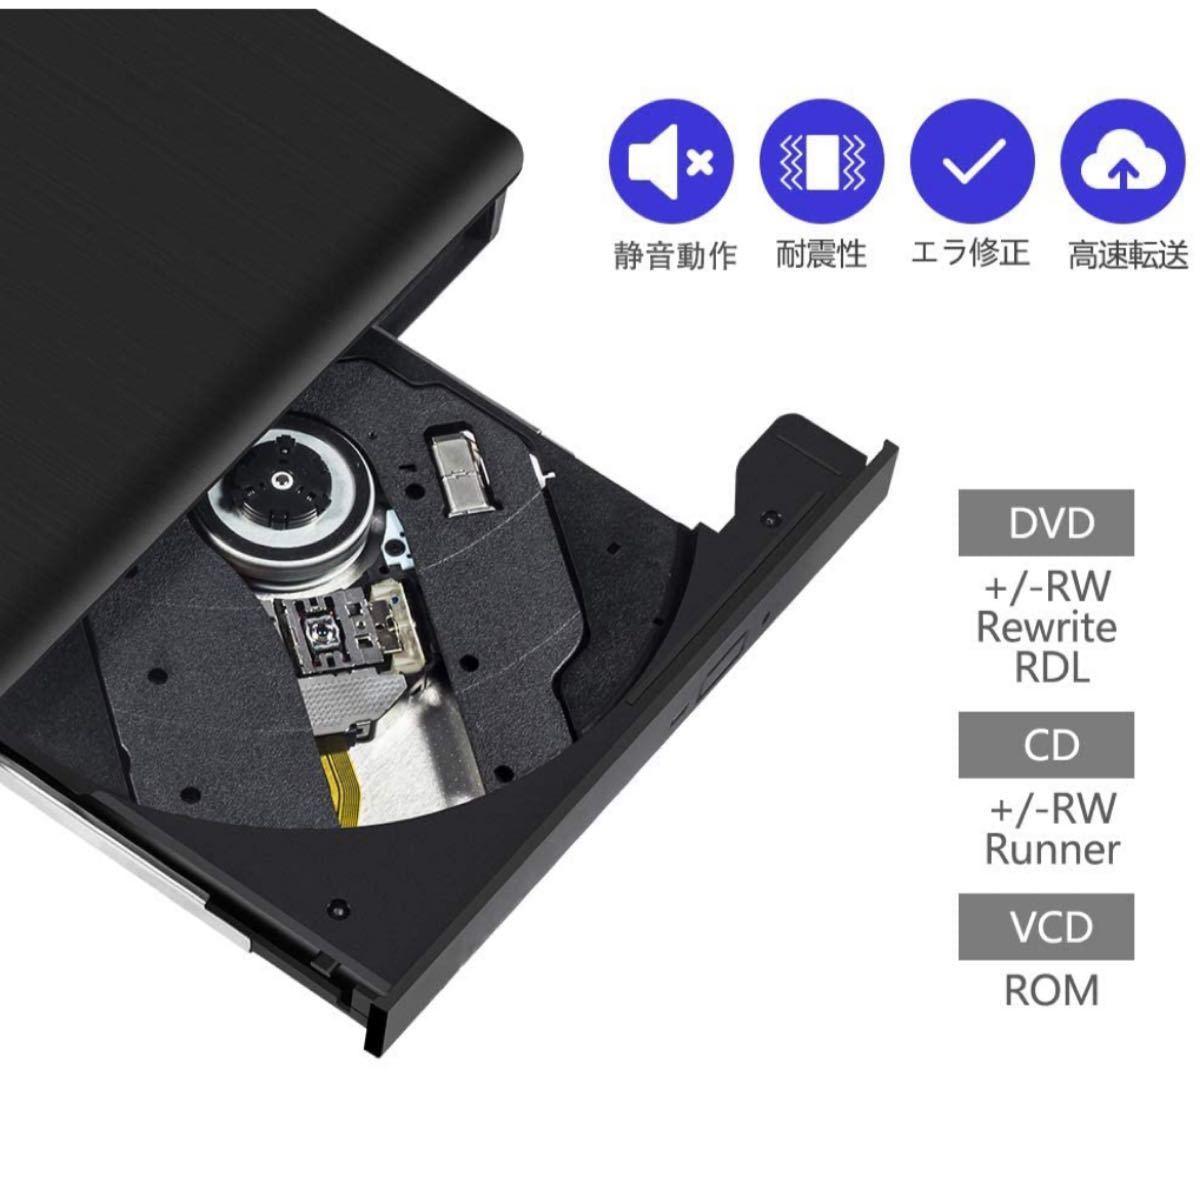 USB3.0 Type C 外付け DVDドライブ CD/DVDプレーヤー Type Cポート ポータブル